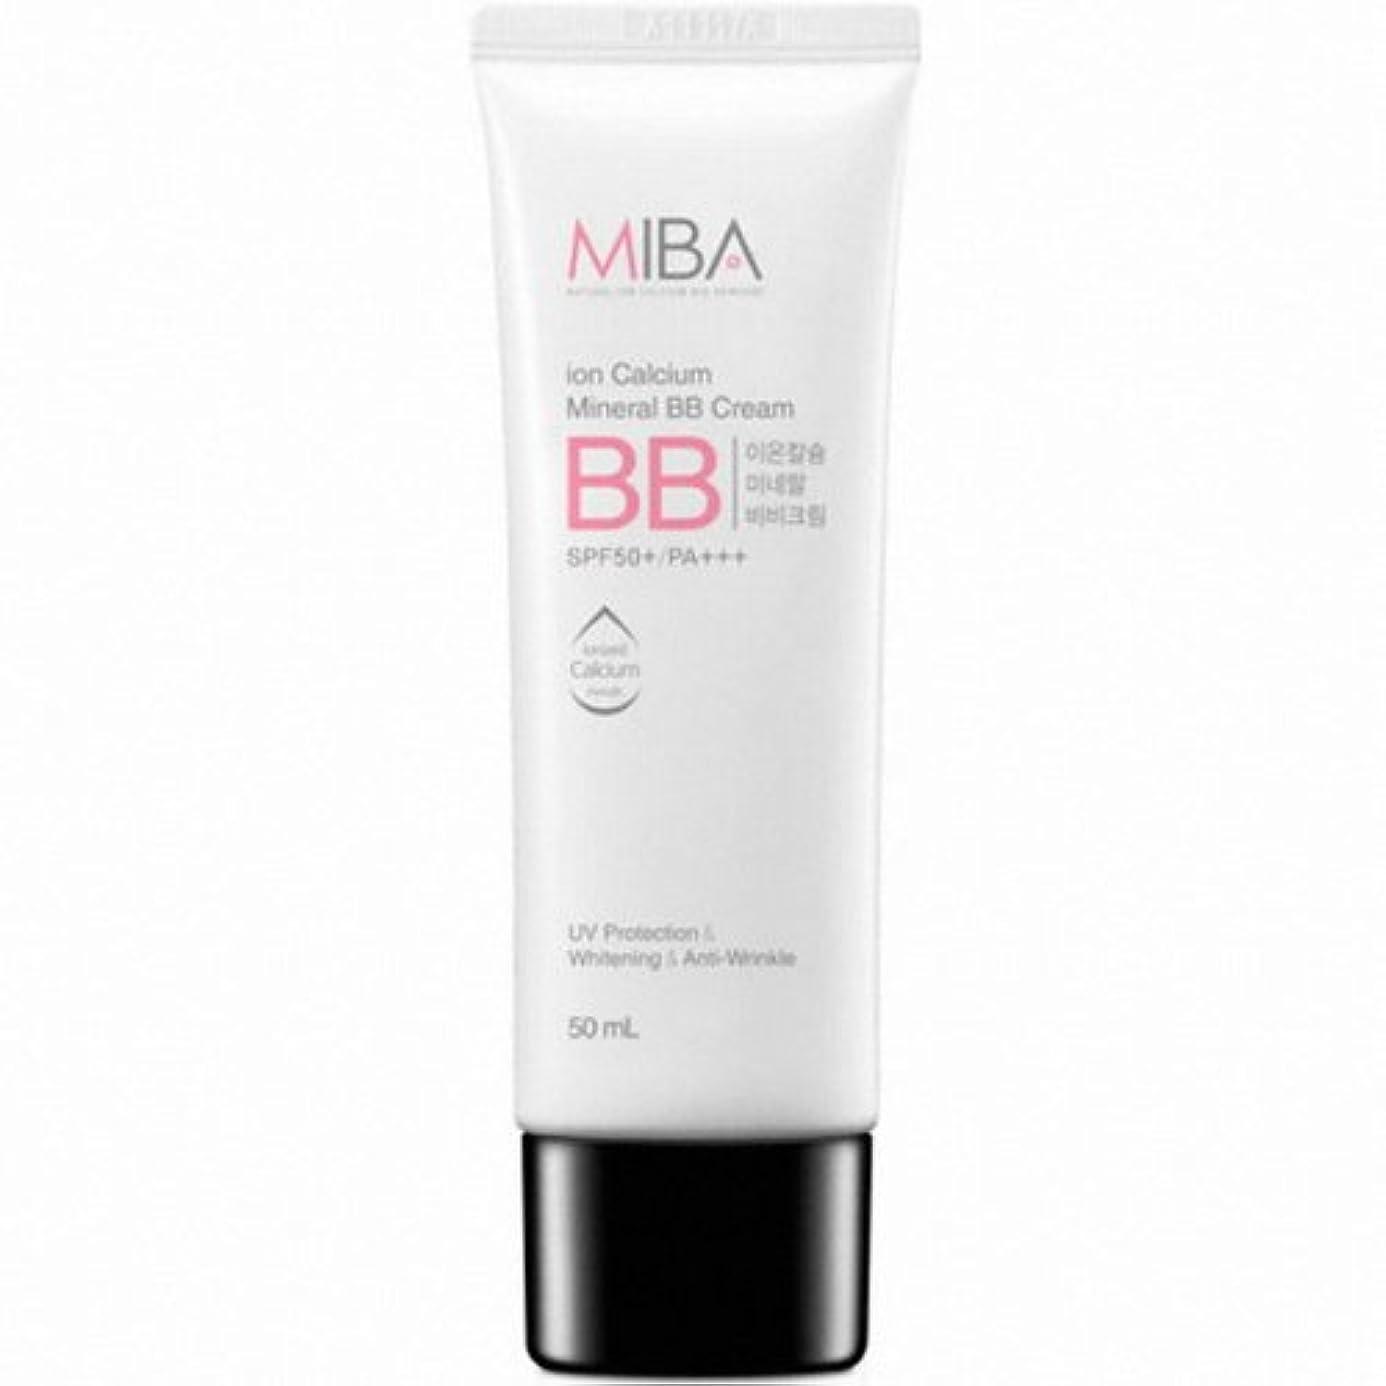 半島面白いブラケットMINERALBIO (ミネラルバイオ) ミバ イオン カルシウム ミネラル ビビクリーム / MIBA Ion Calcium Mineral BB Cream (50ml) [並行輸入品]